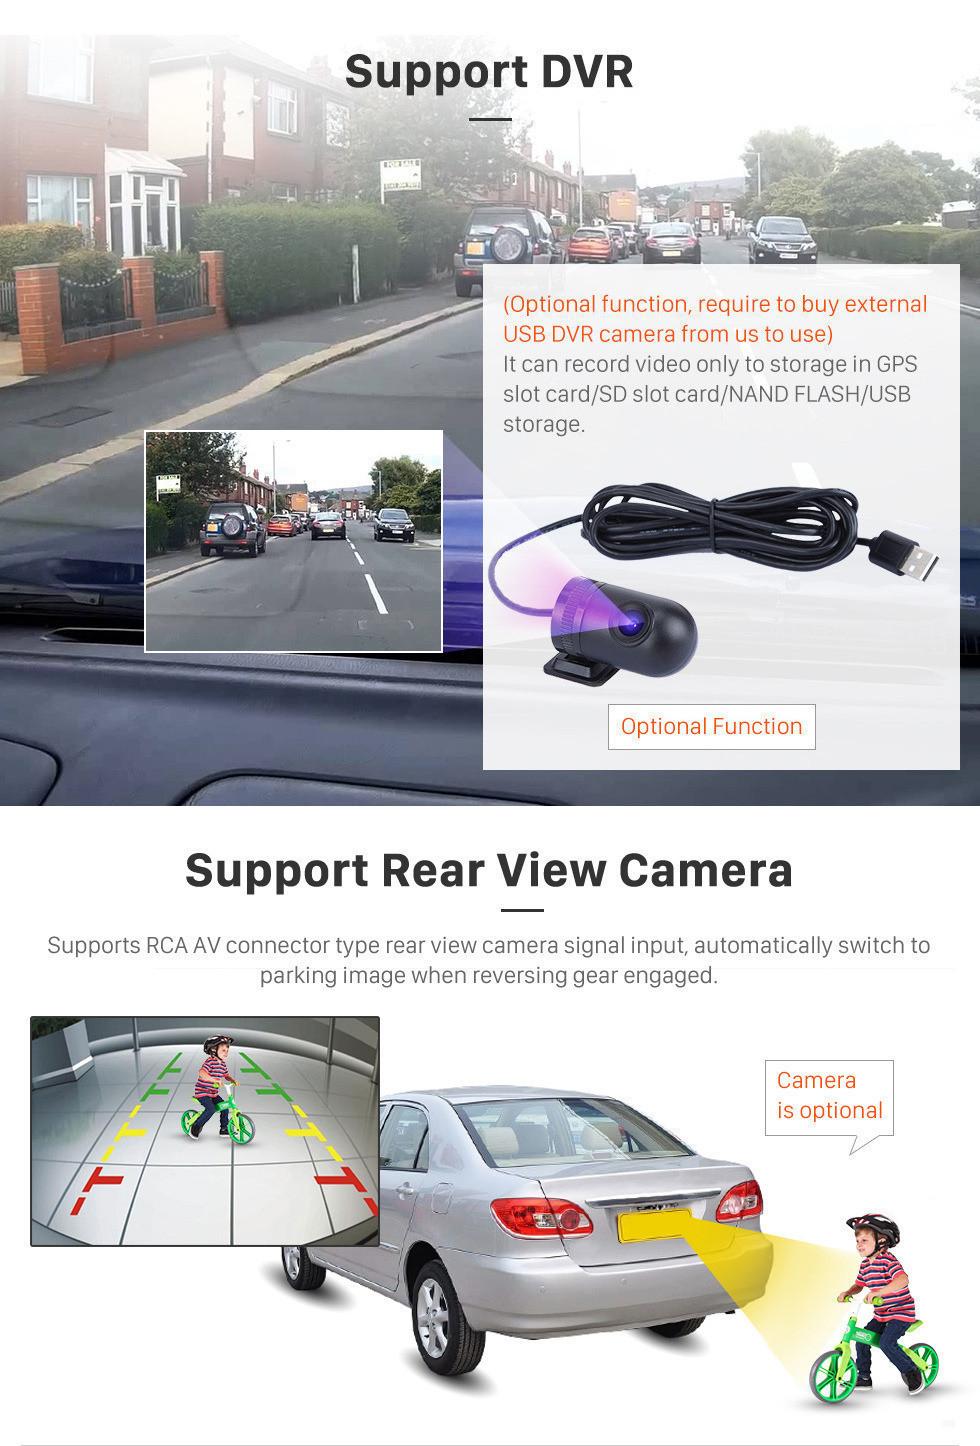 Seicane 8 pouces Android 10.0 écran tactile radio Bluetooth système de navigation GPS Bluetooth pour 2014 2015 2016 RENAULT sans pont Duster Support TPMS DVR OBD II USB SD 3G WiFi caméra arrière commande au volant HD 1080P vidéo AUX